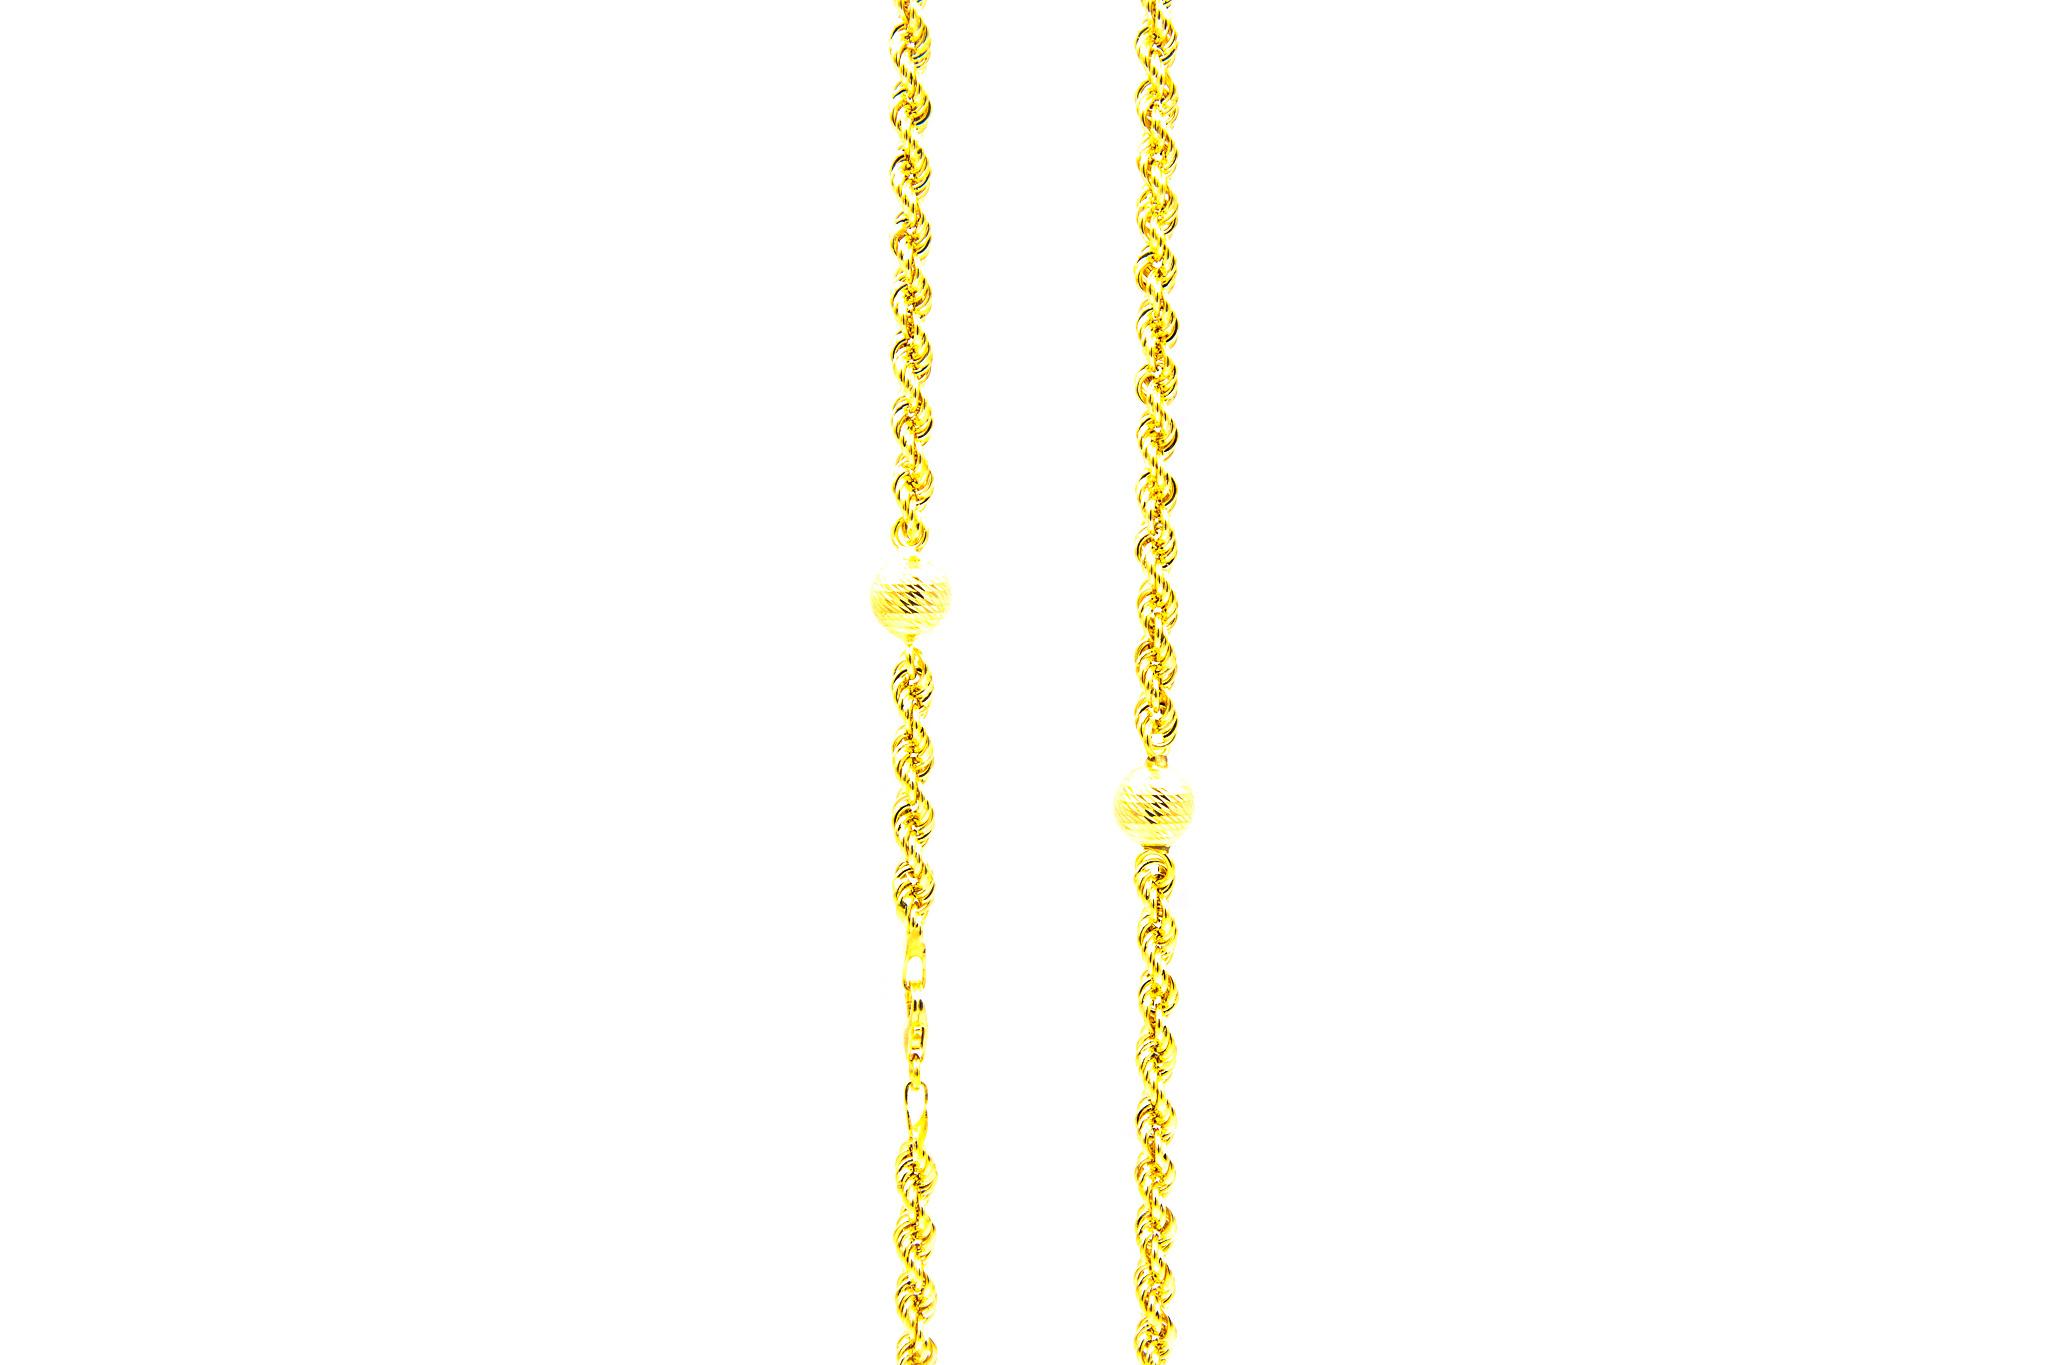 Ketting rope chain met 7 bewerkte bollen-2